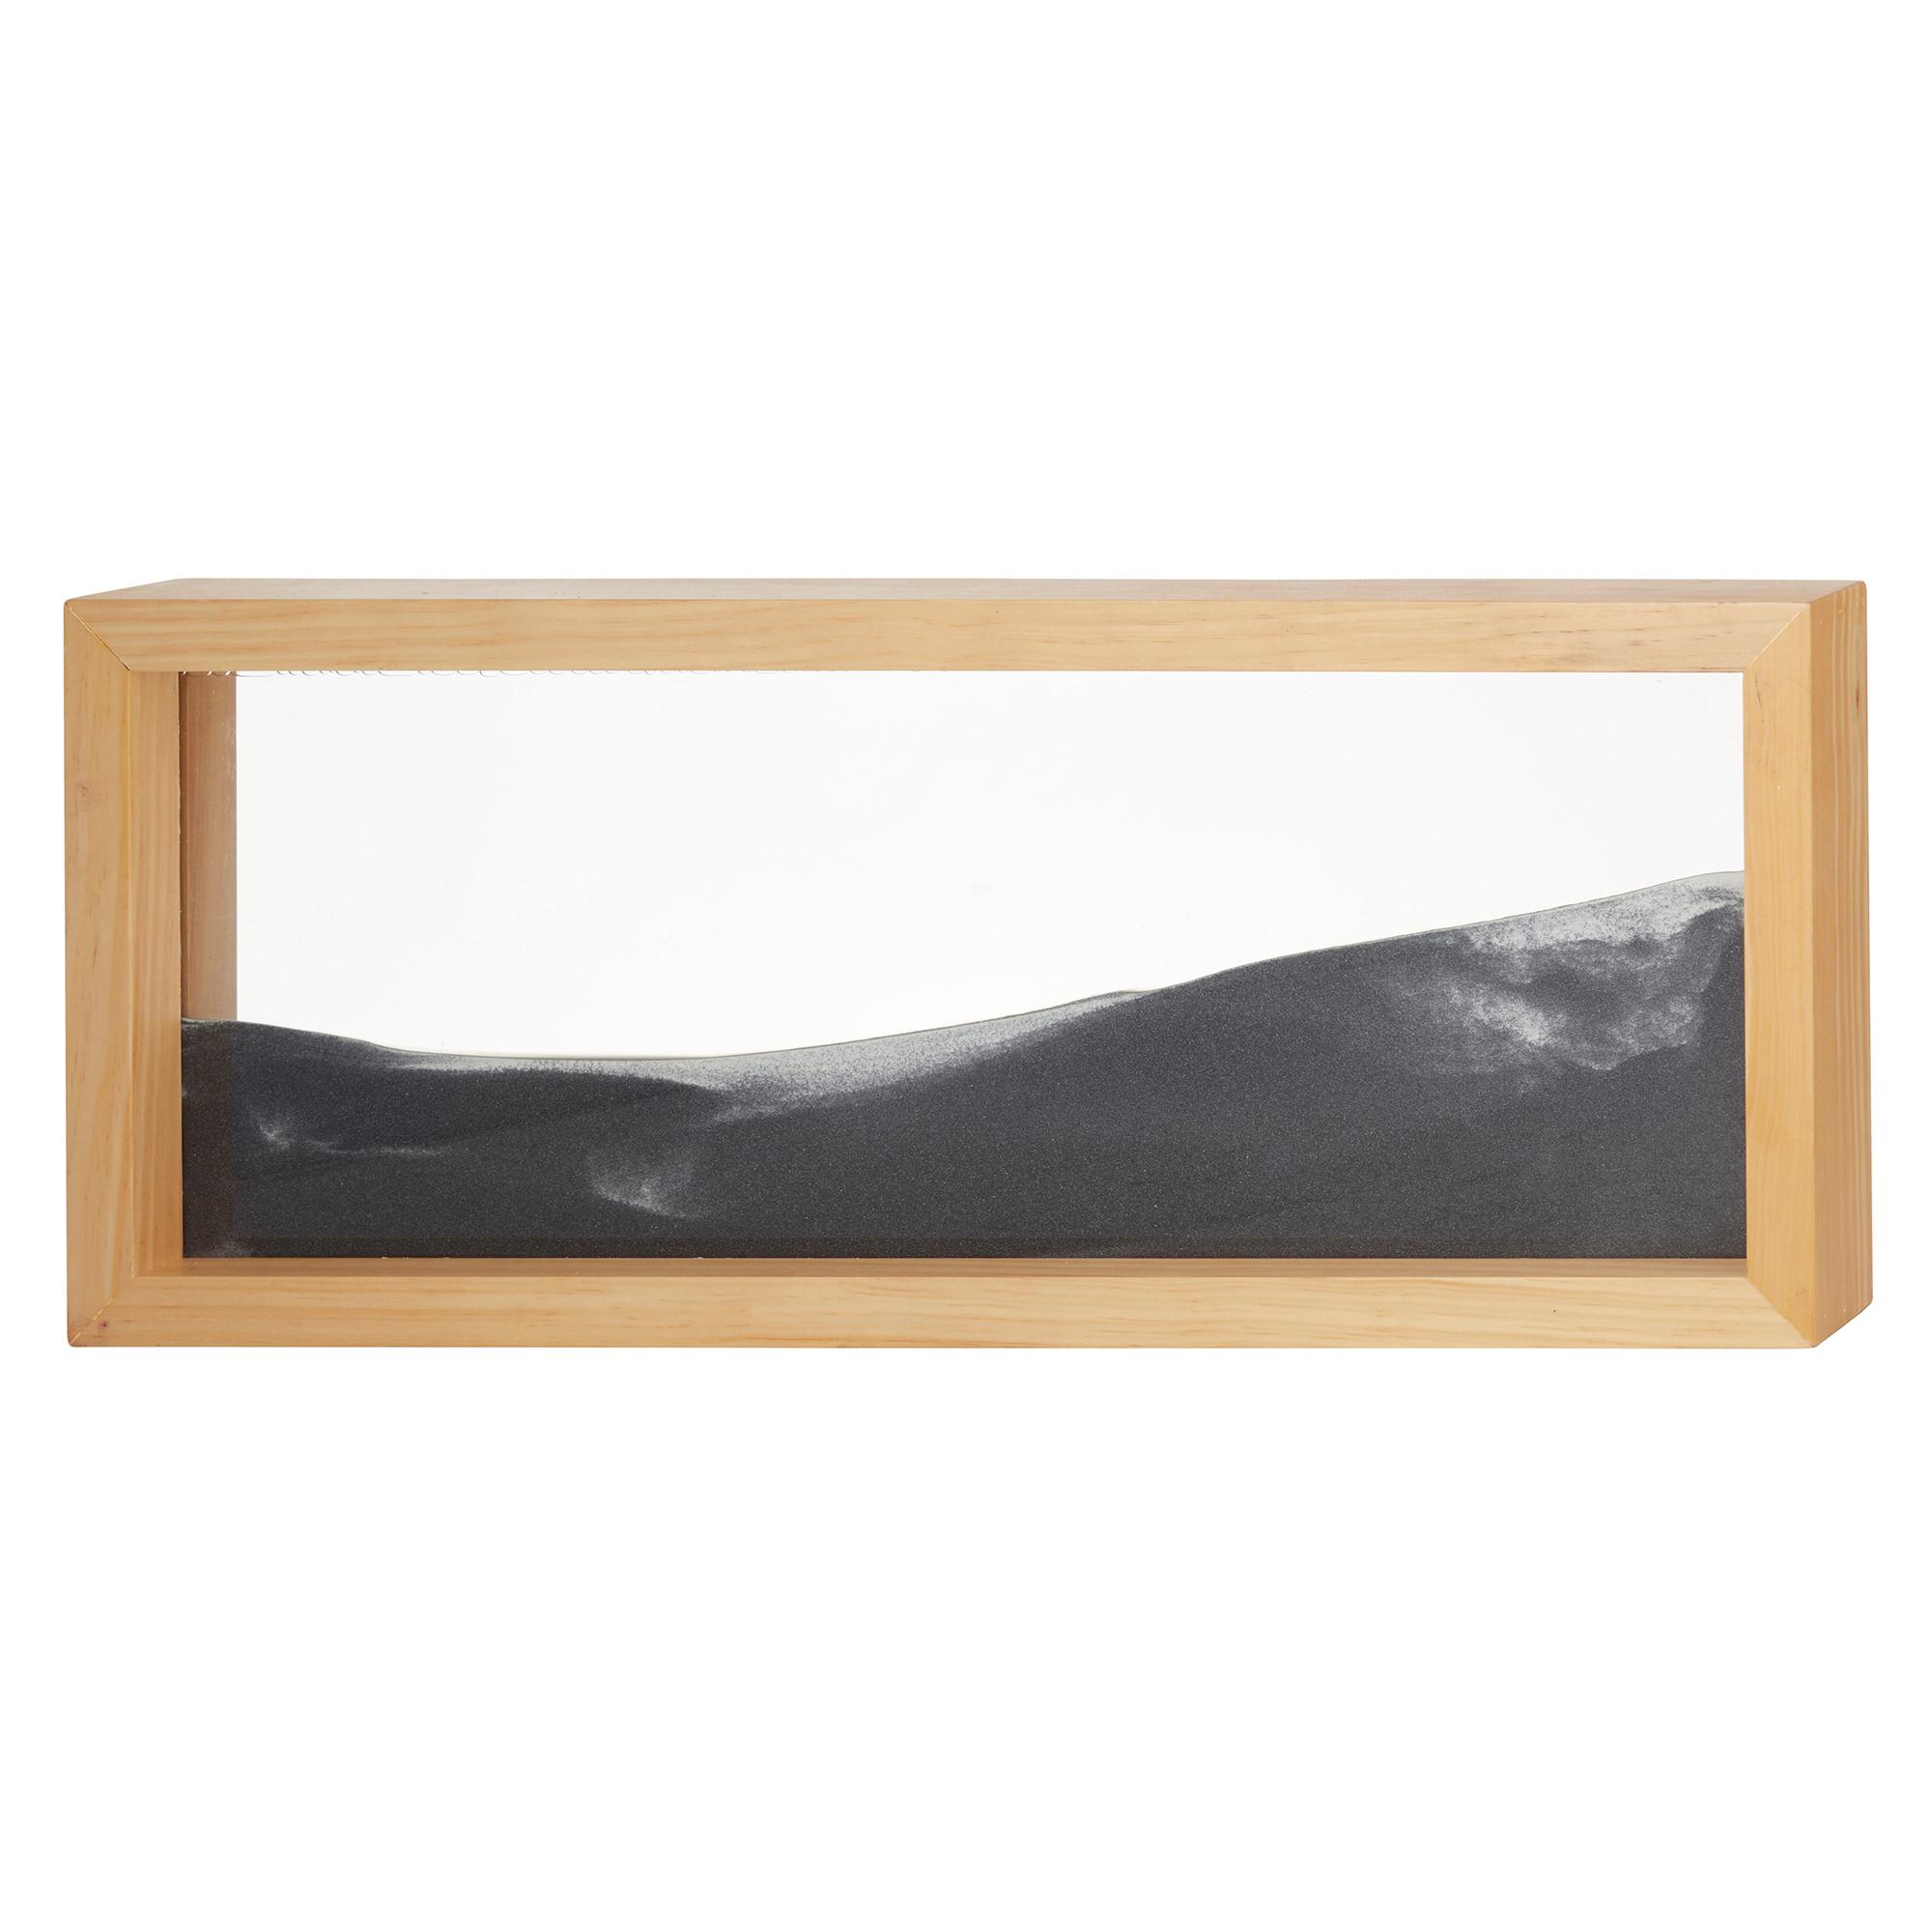 Moving Sand Art Frame   Temple & Webster